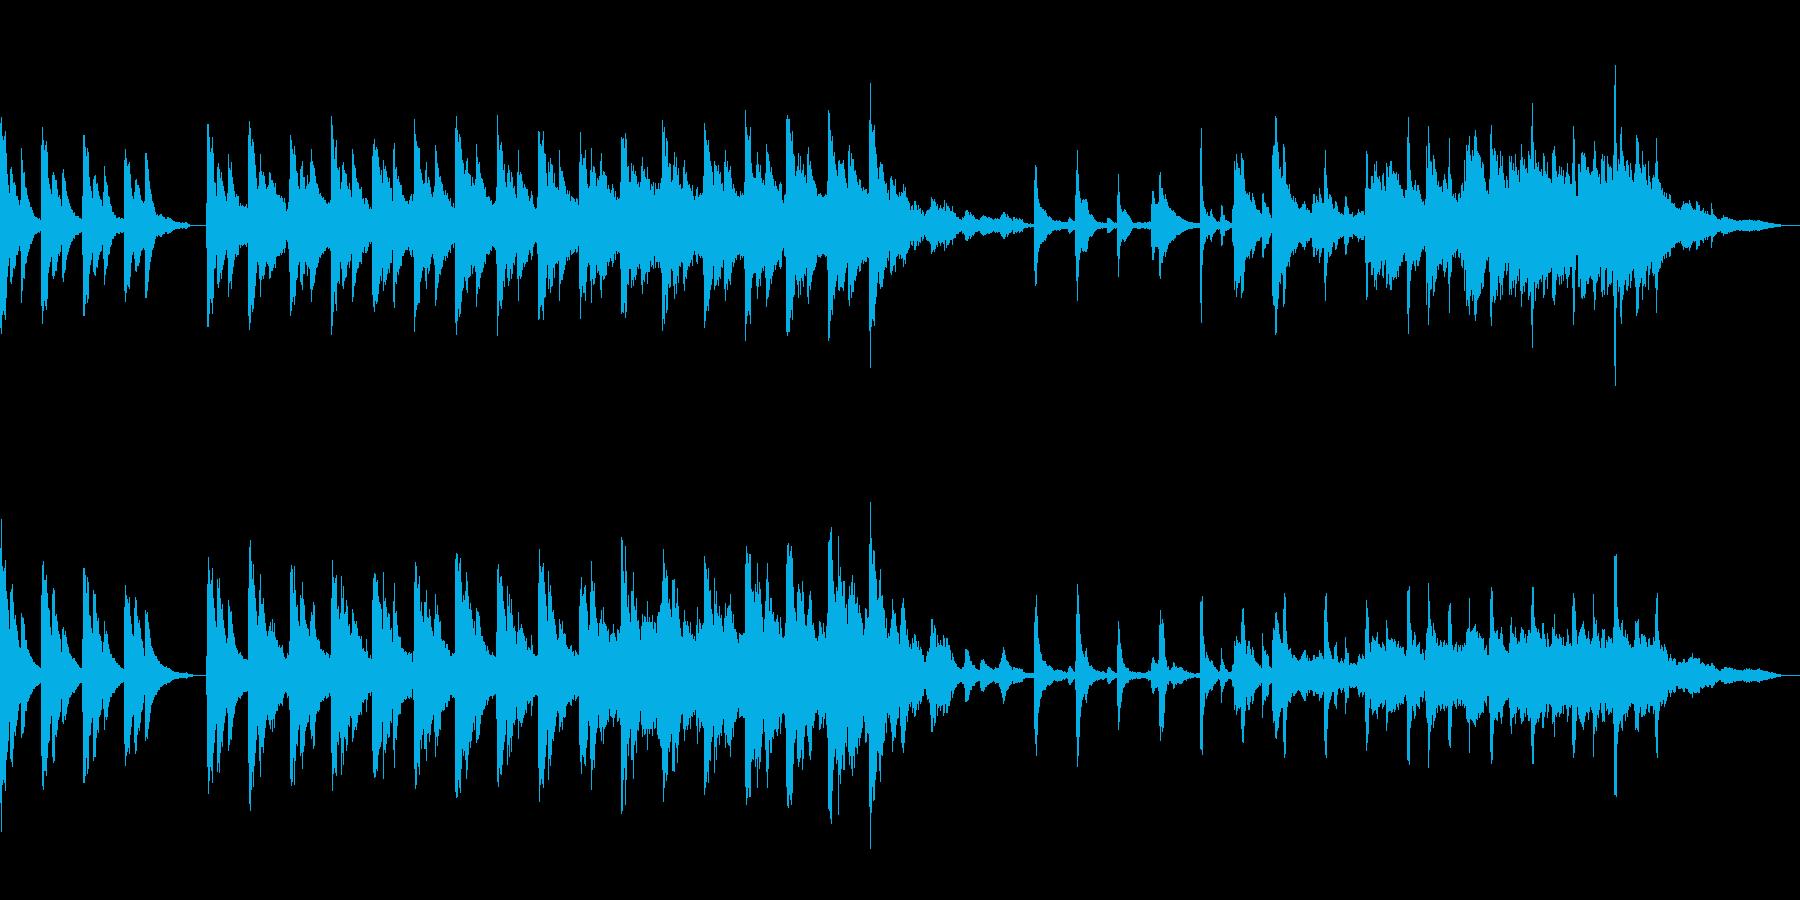 深いピアノの旋律が印象的な幻想的な楽曲の再生済みの波形